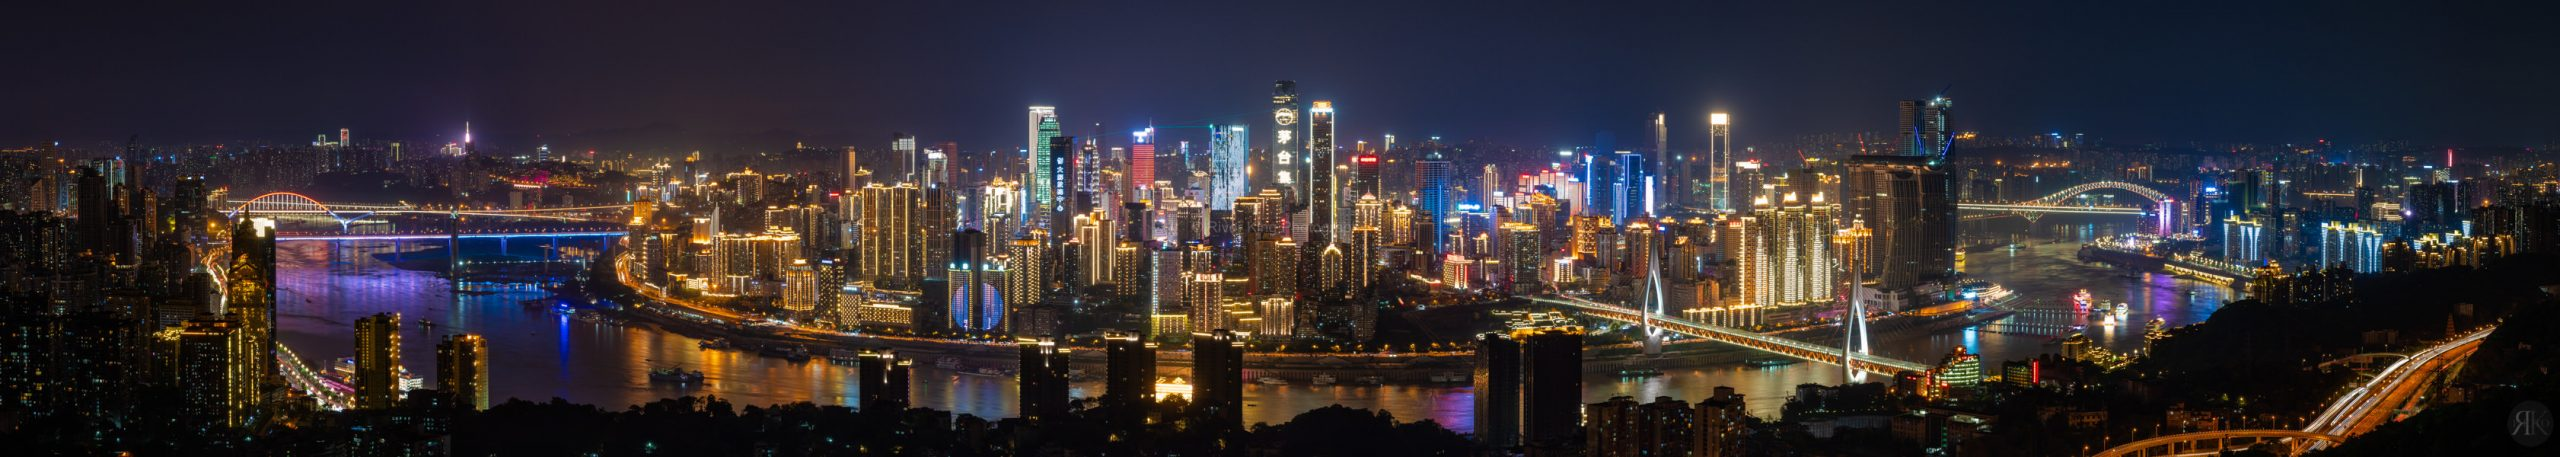 中國:重慶夜景 1